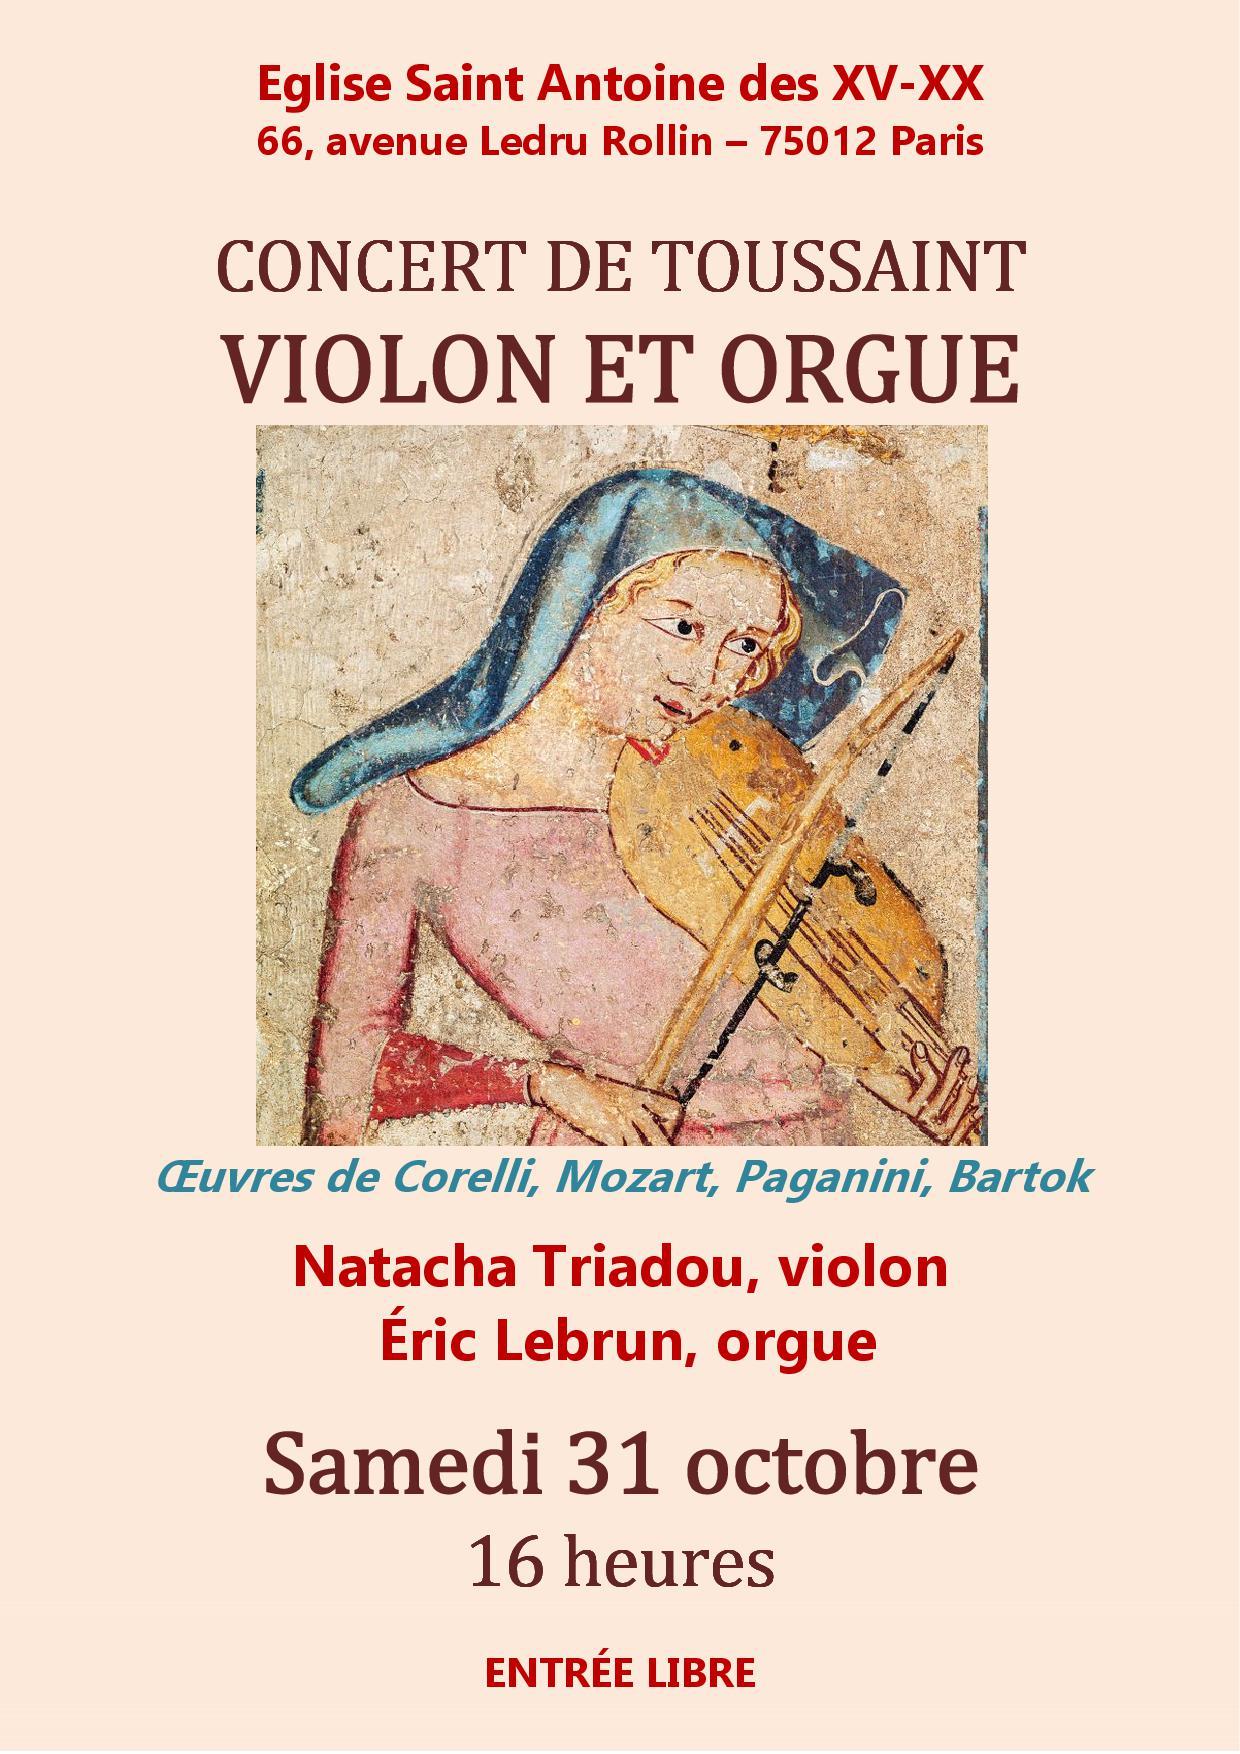 concert_de_toussaint_31_octobre_2020.jpg